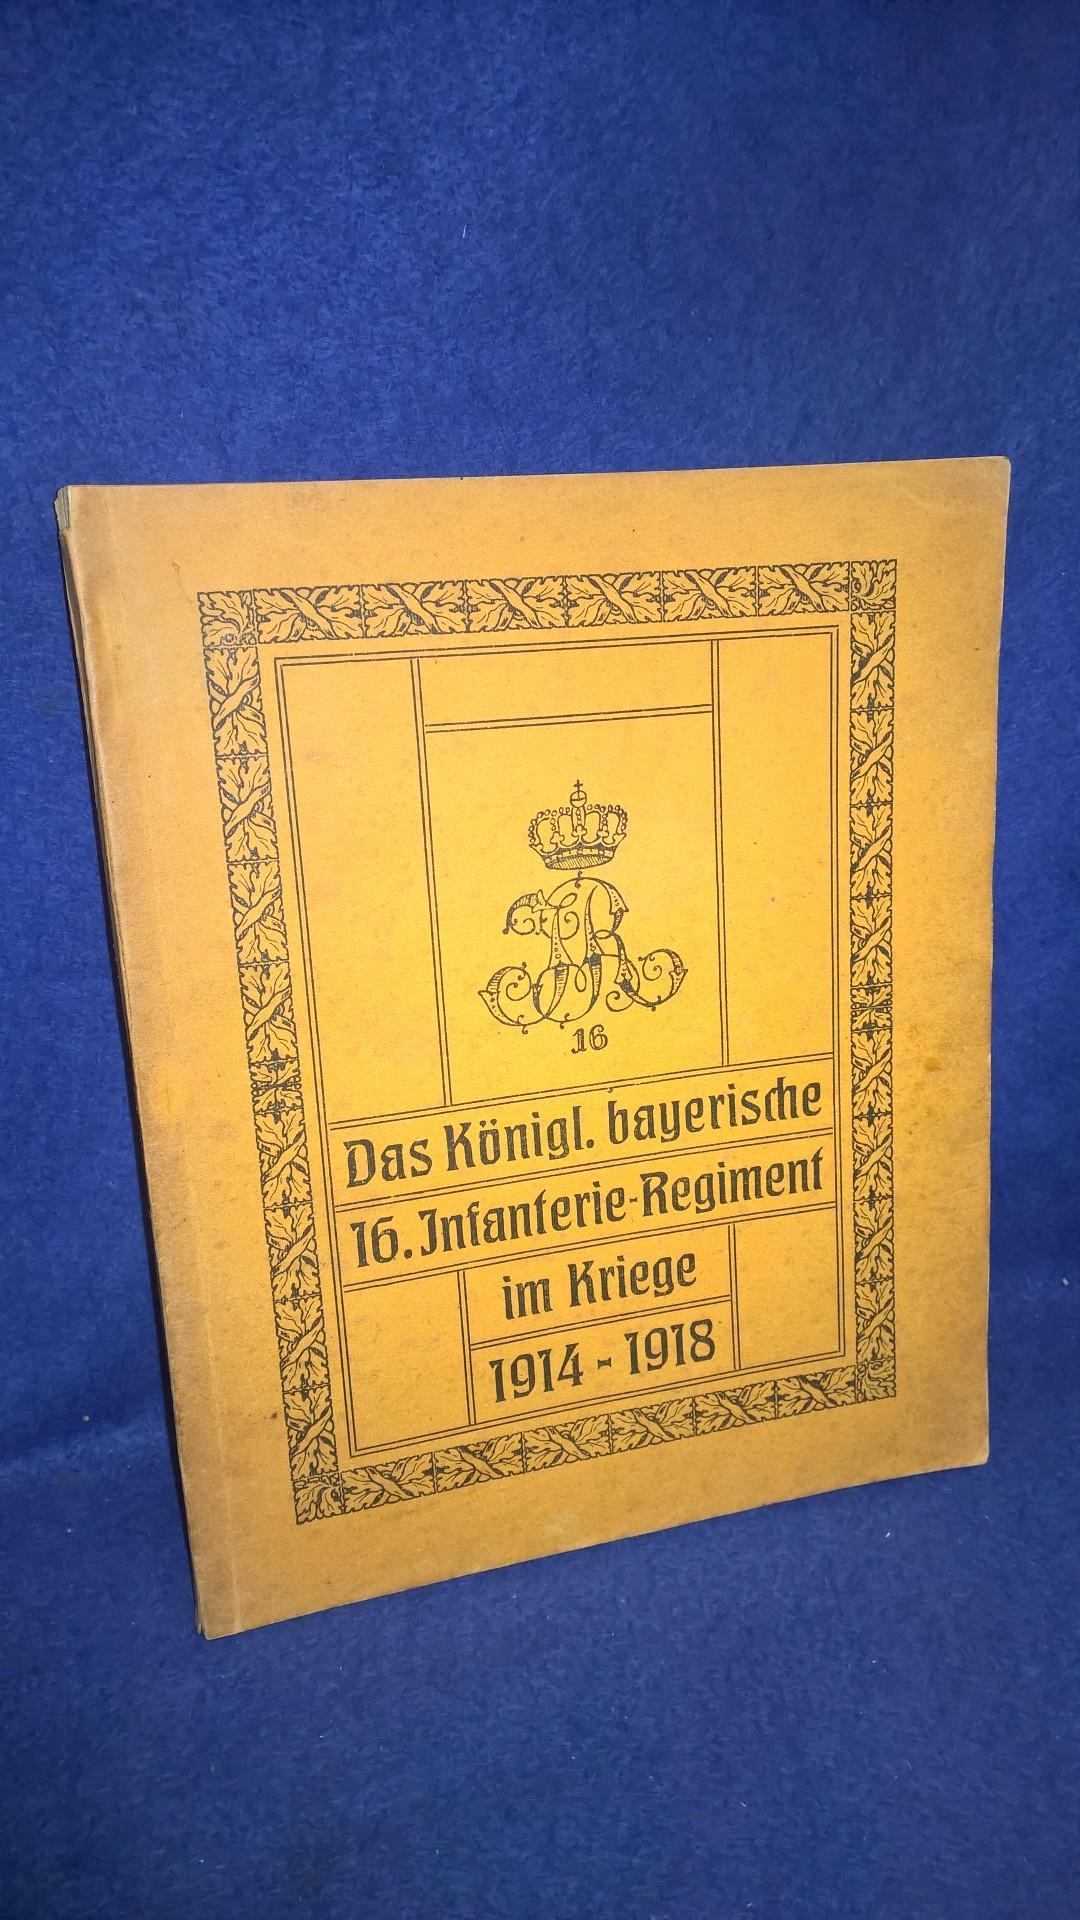 Das Königlich bayerische 16. Infanterie-Regiment im Kriege 1914 - 1918.